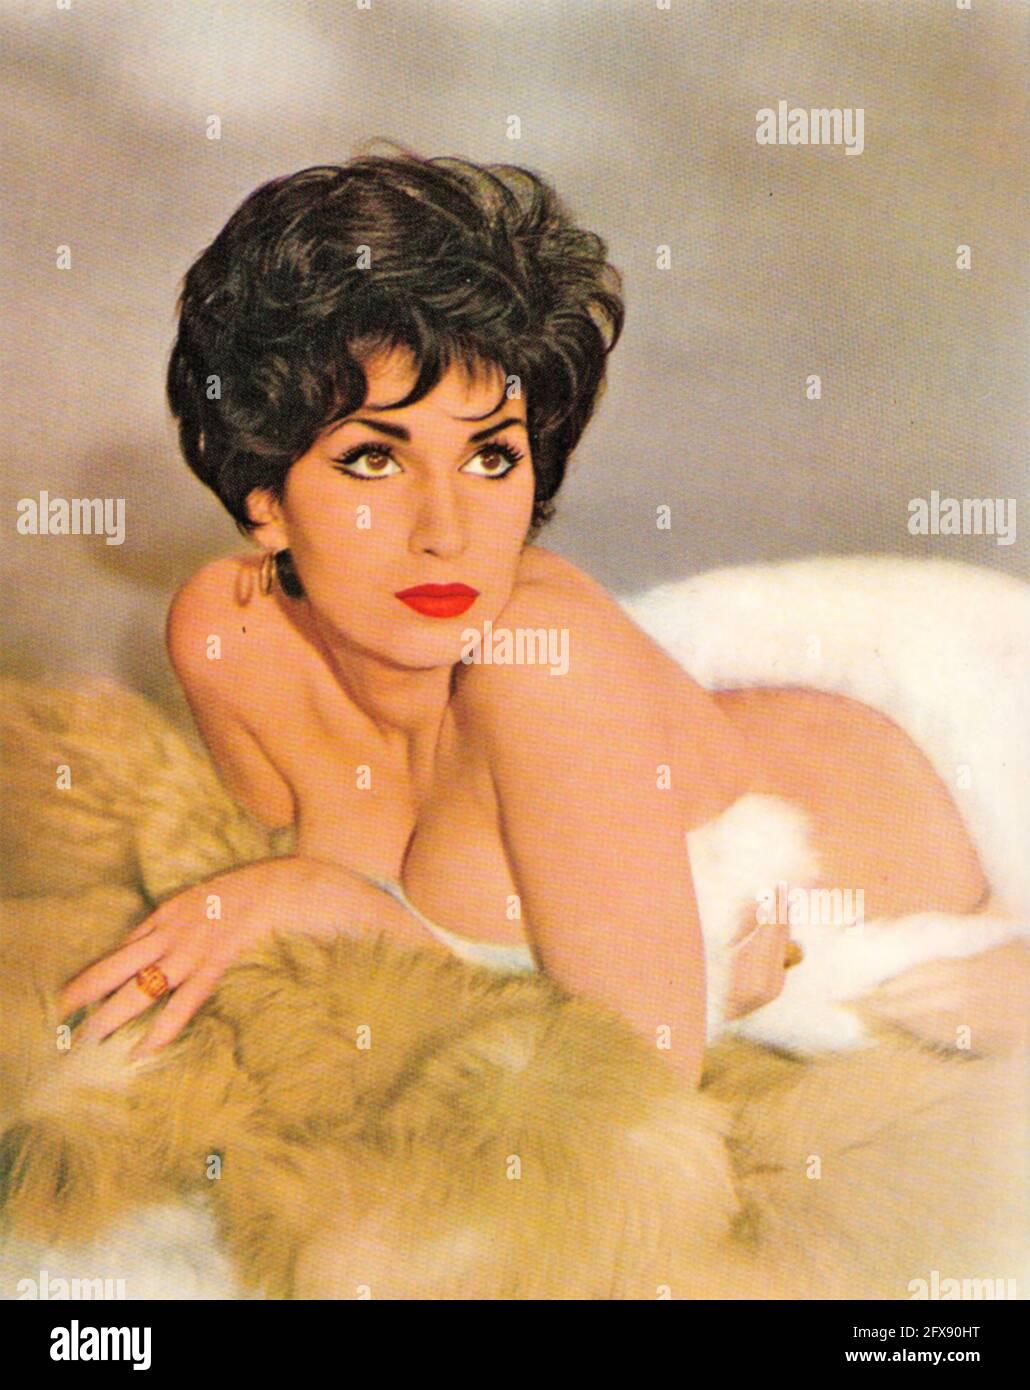 YVONNE ROMAIN actriz de cine inglesa en 1960 Foto de stock